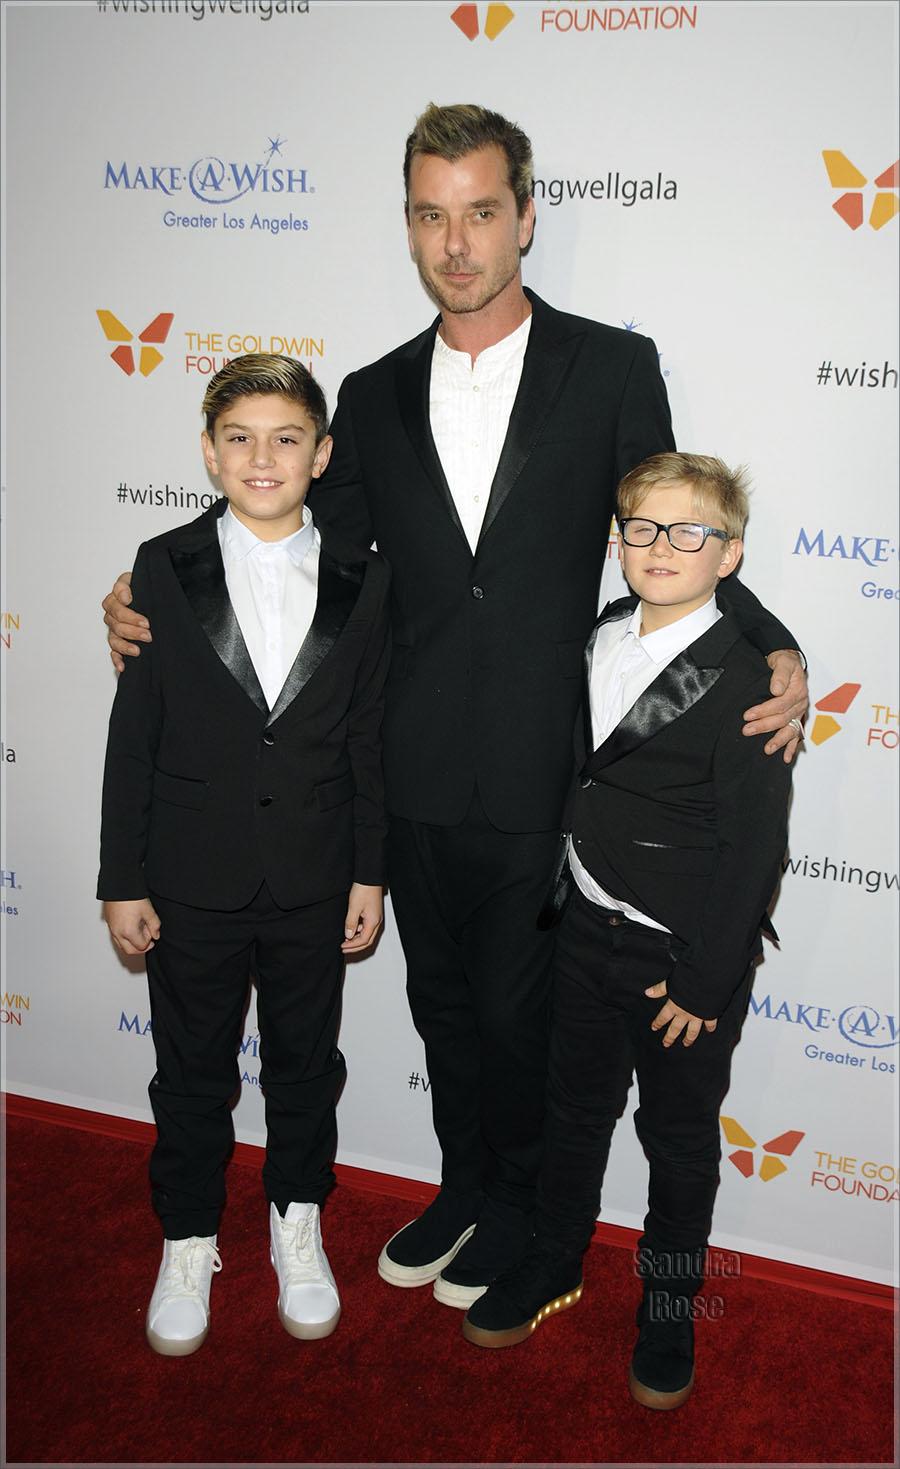 Gavin Rossdale & sons in LA